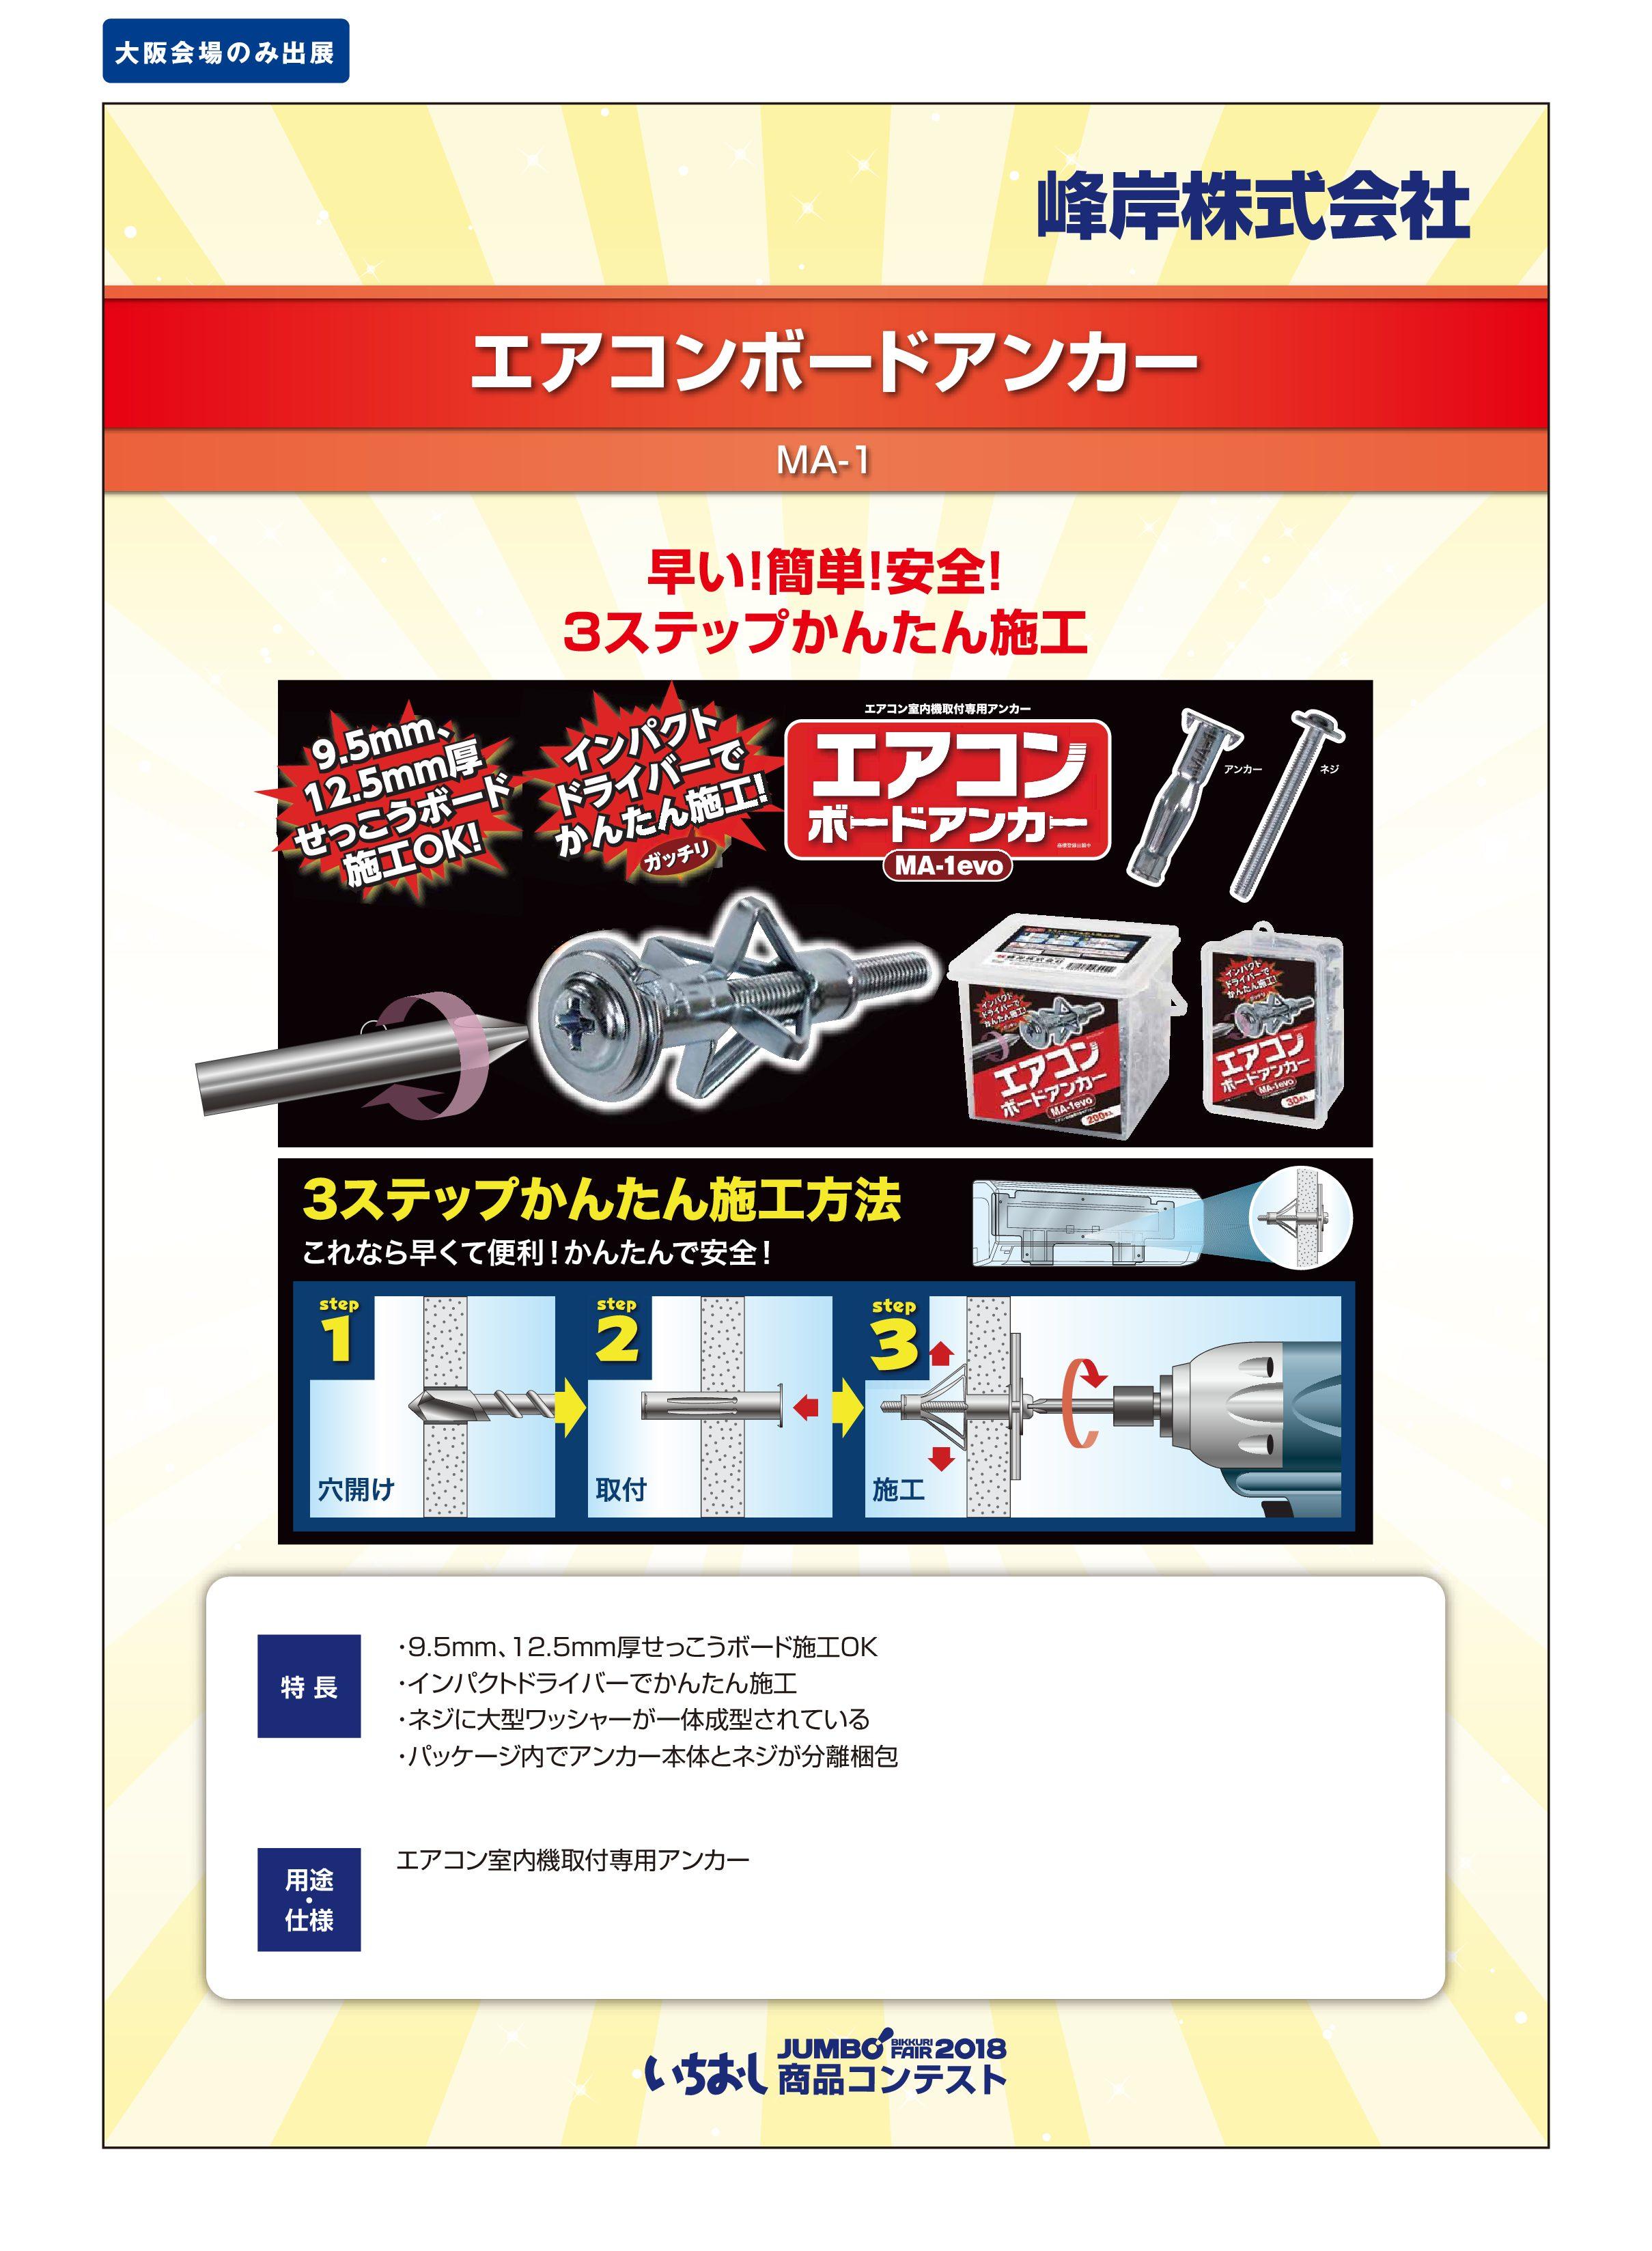 「エアコンボードアンカー」峰岸株式会社の画像